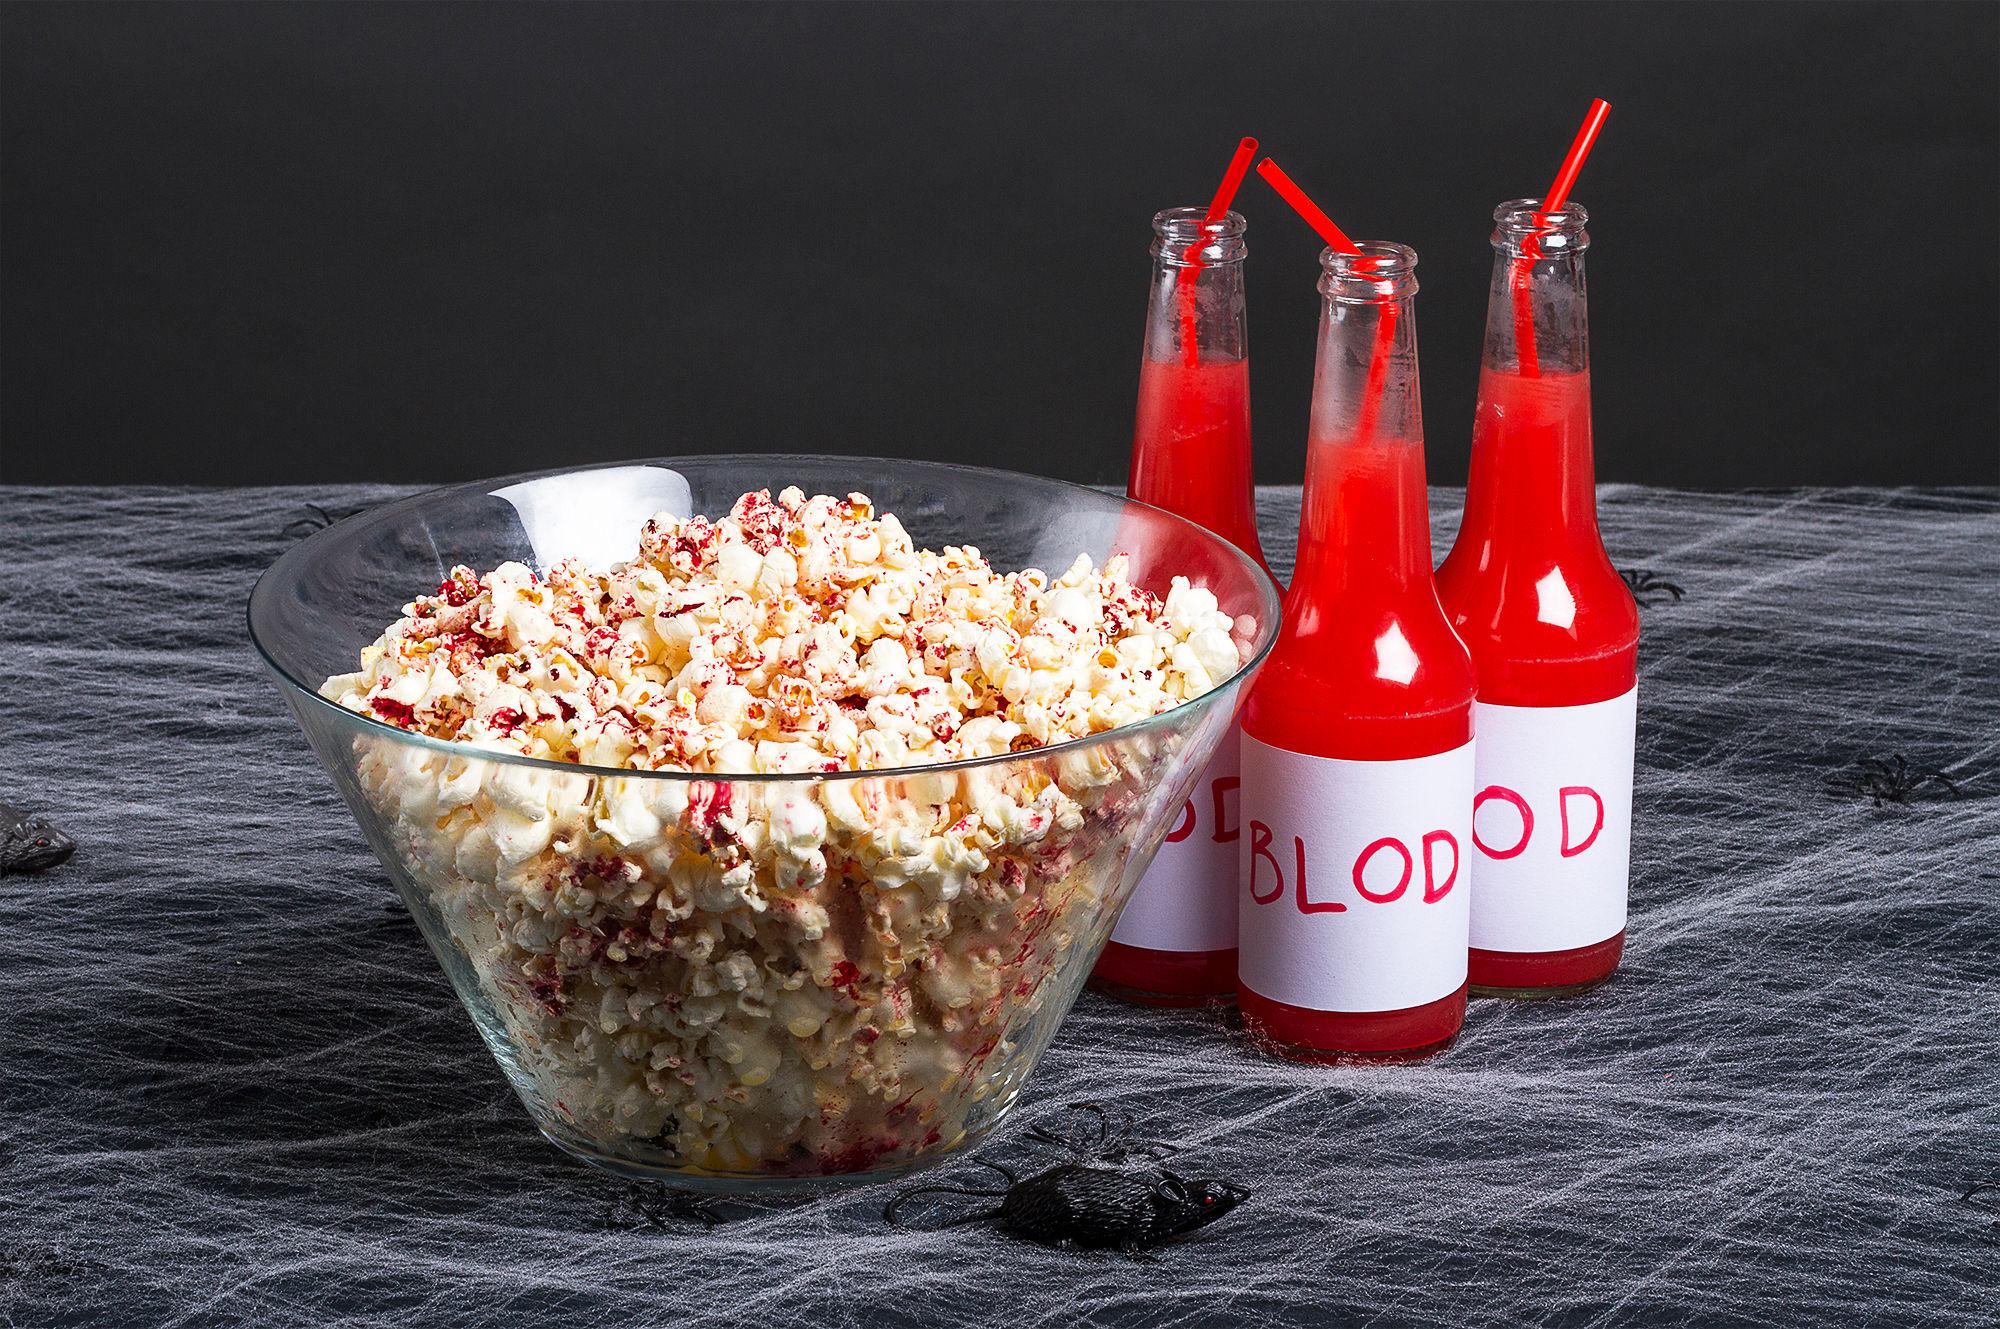 BLODIG: Blodige hjernemasser i form av popcorn. Enkelt og ekkelt.